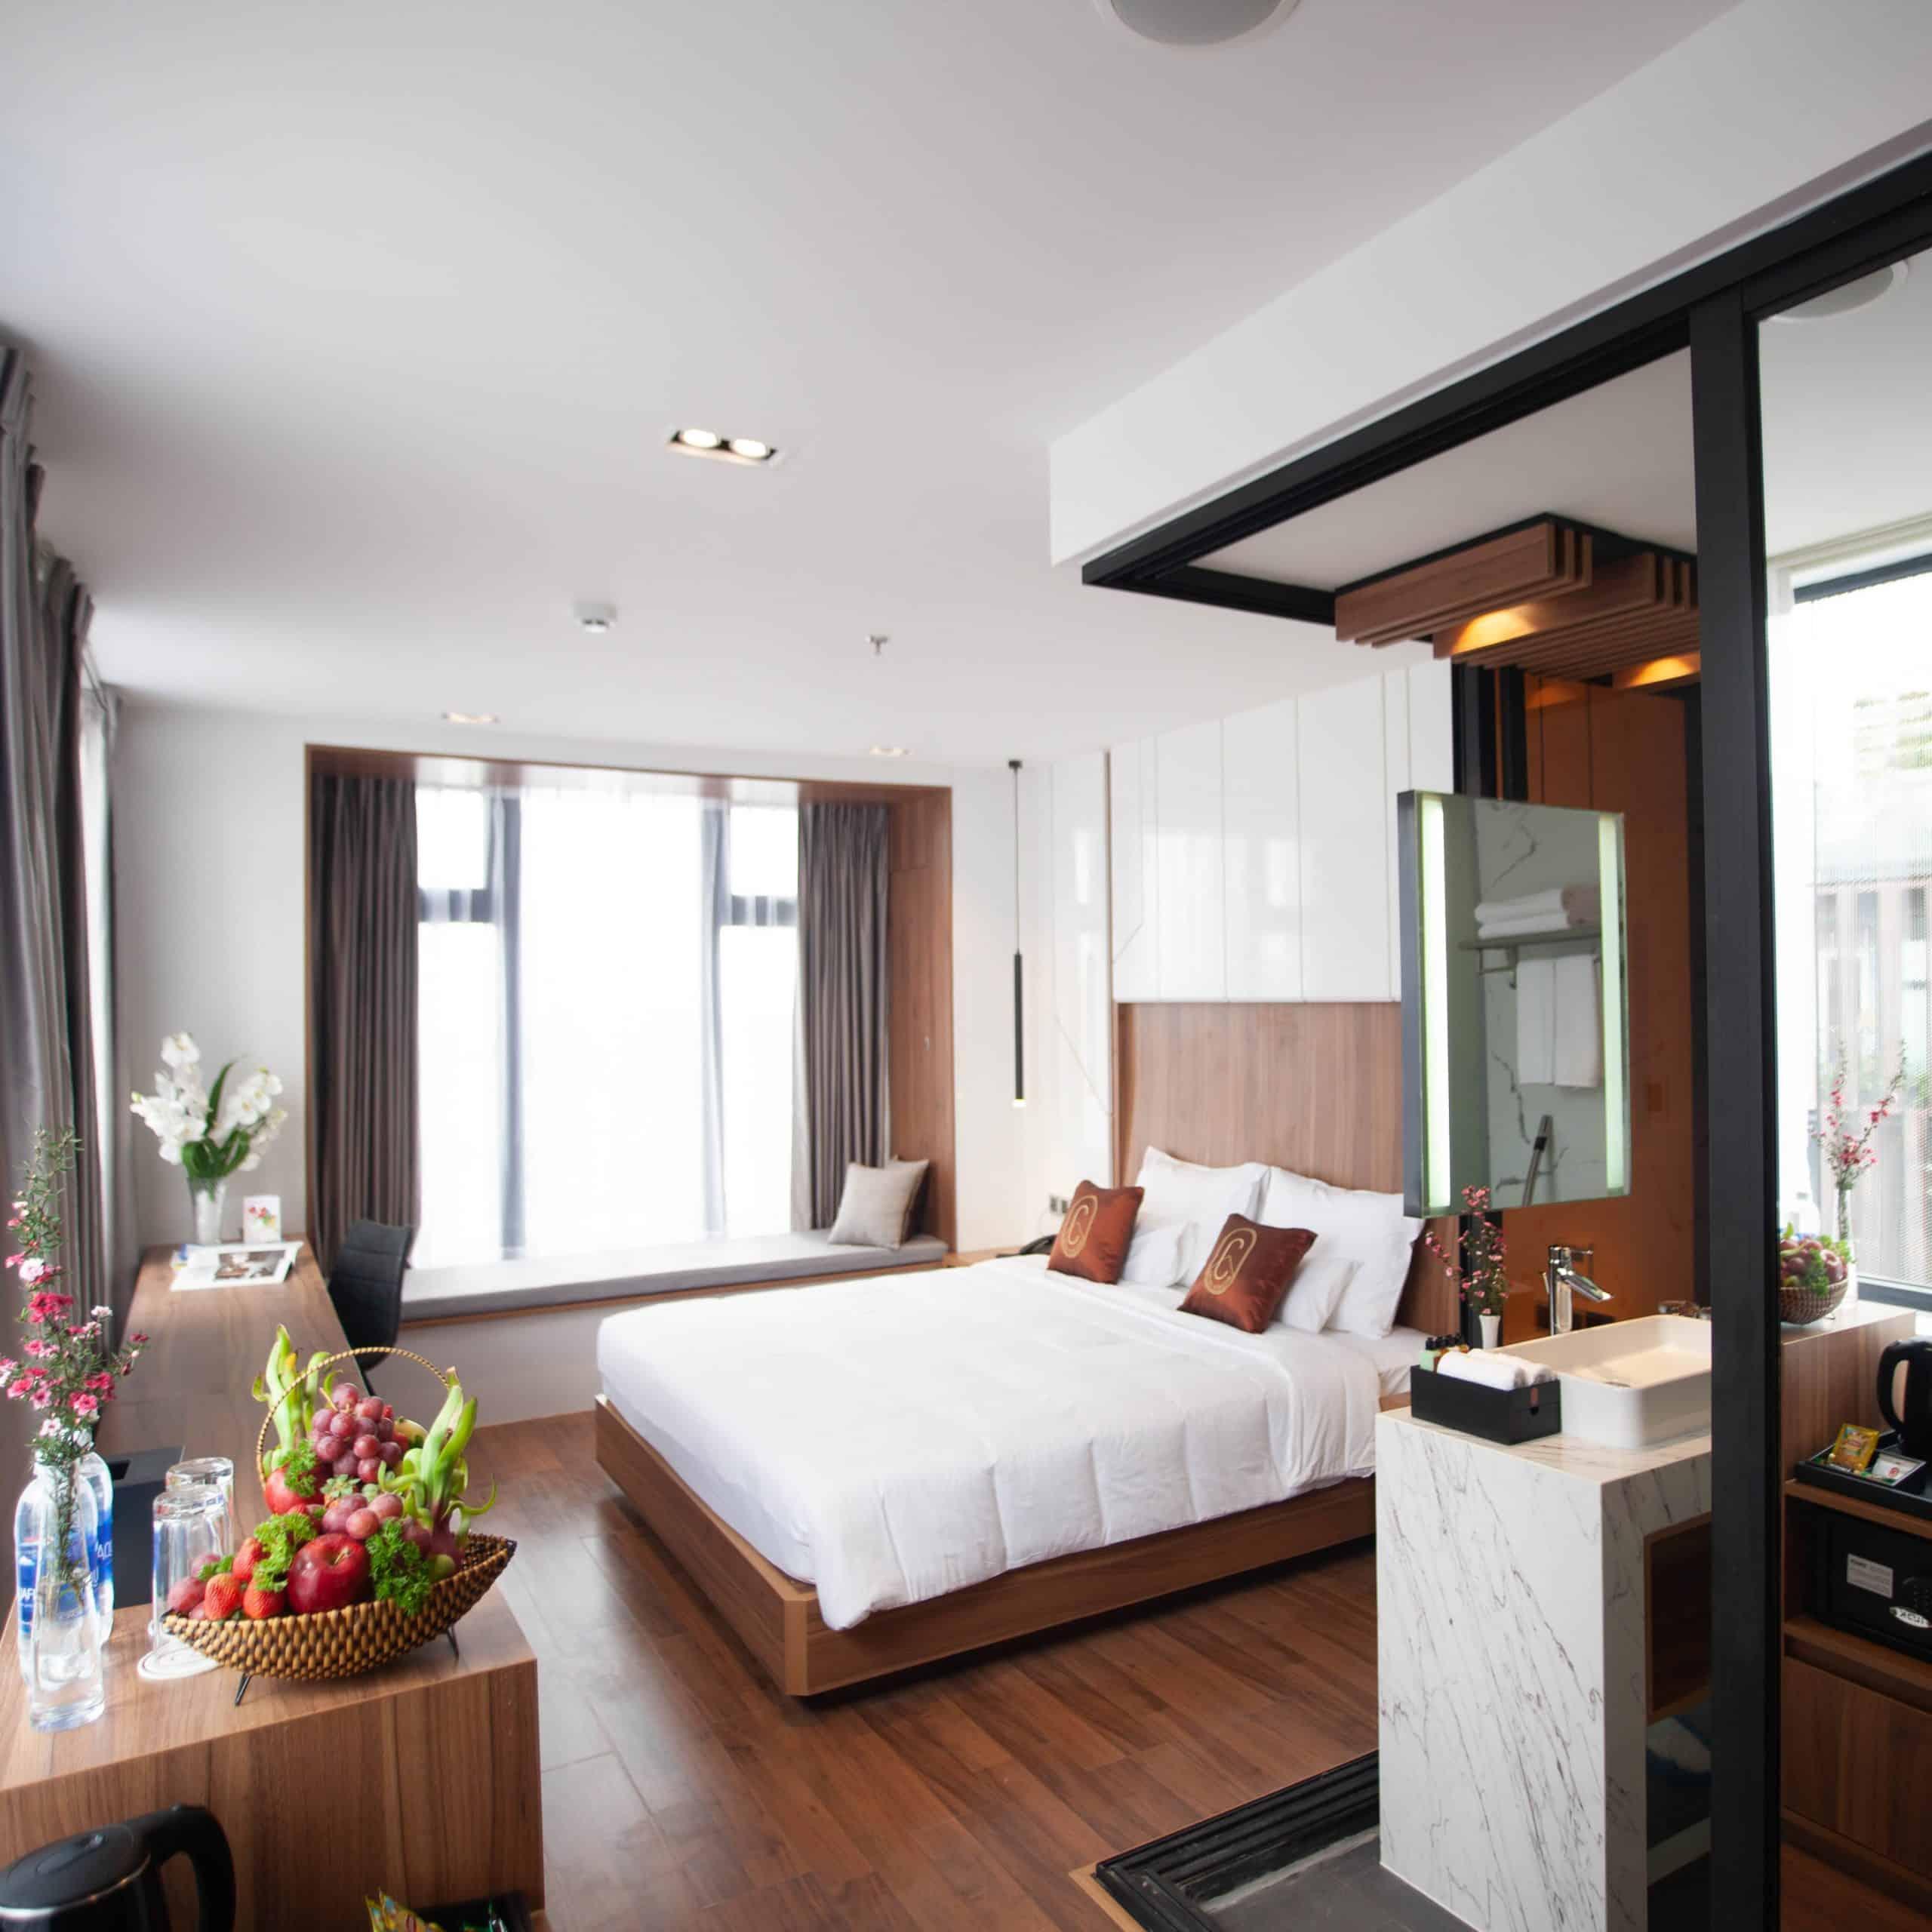 Phòng nghỉ hiện đại. Hình: hotelcolline